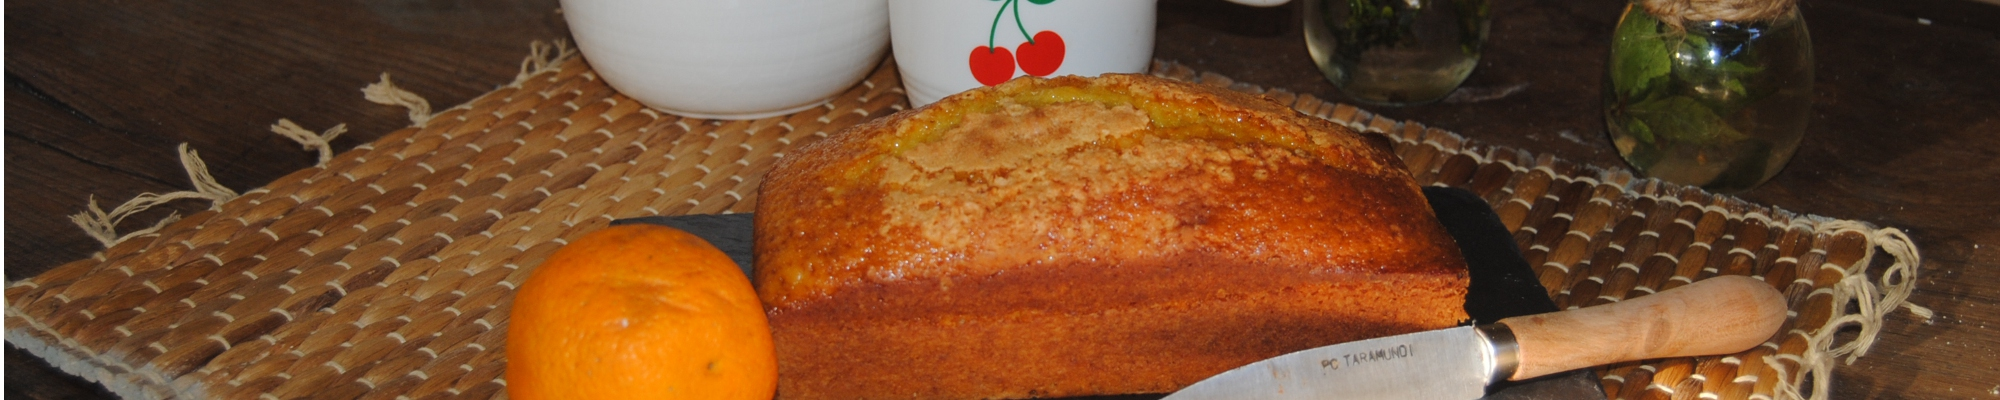 Desayunos casa rural asturias